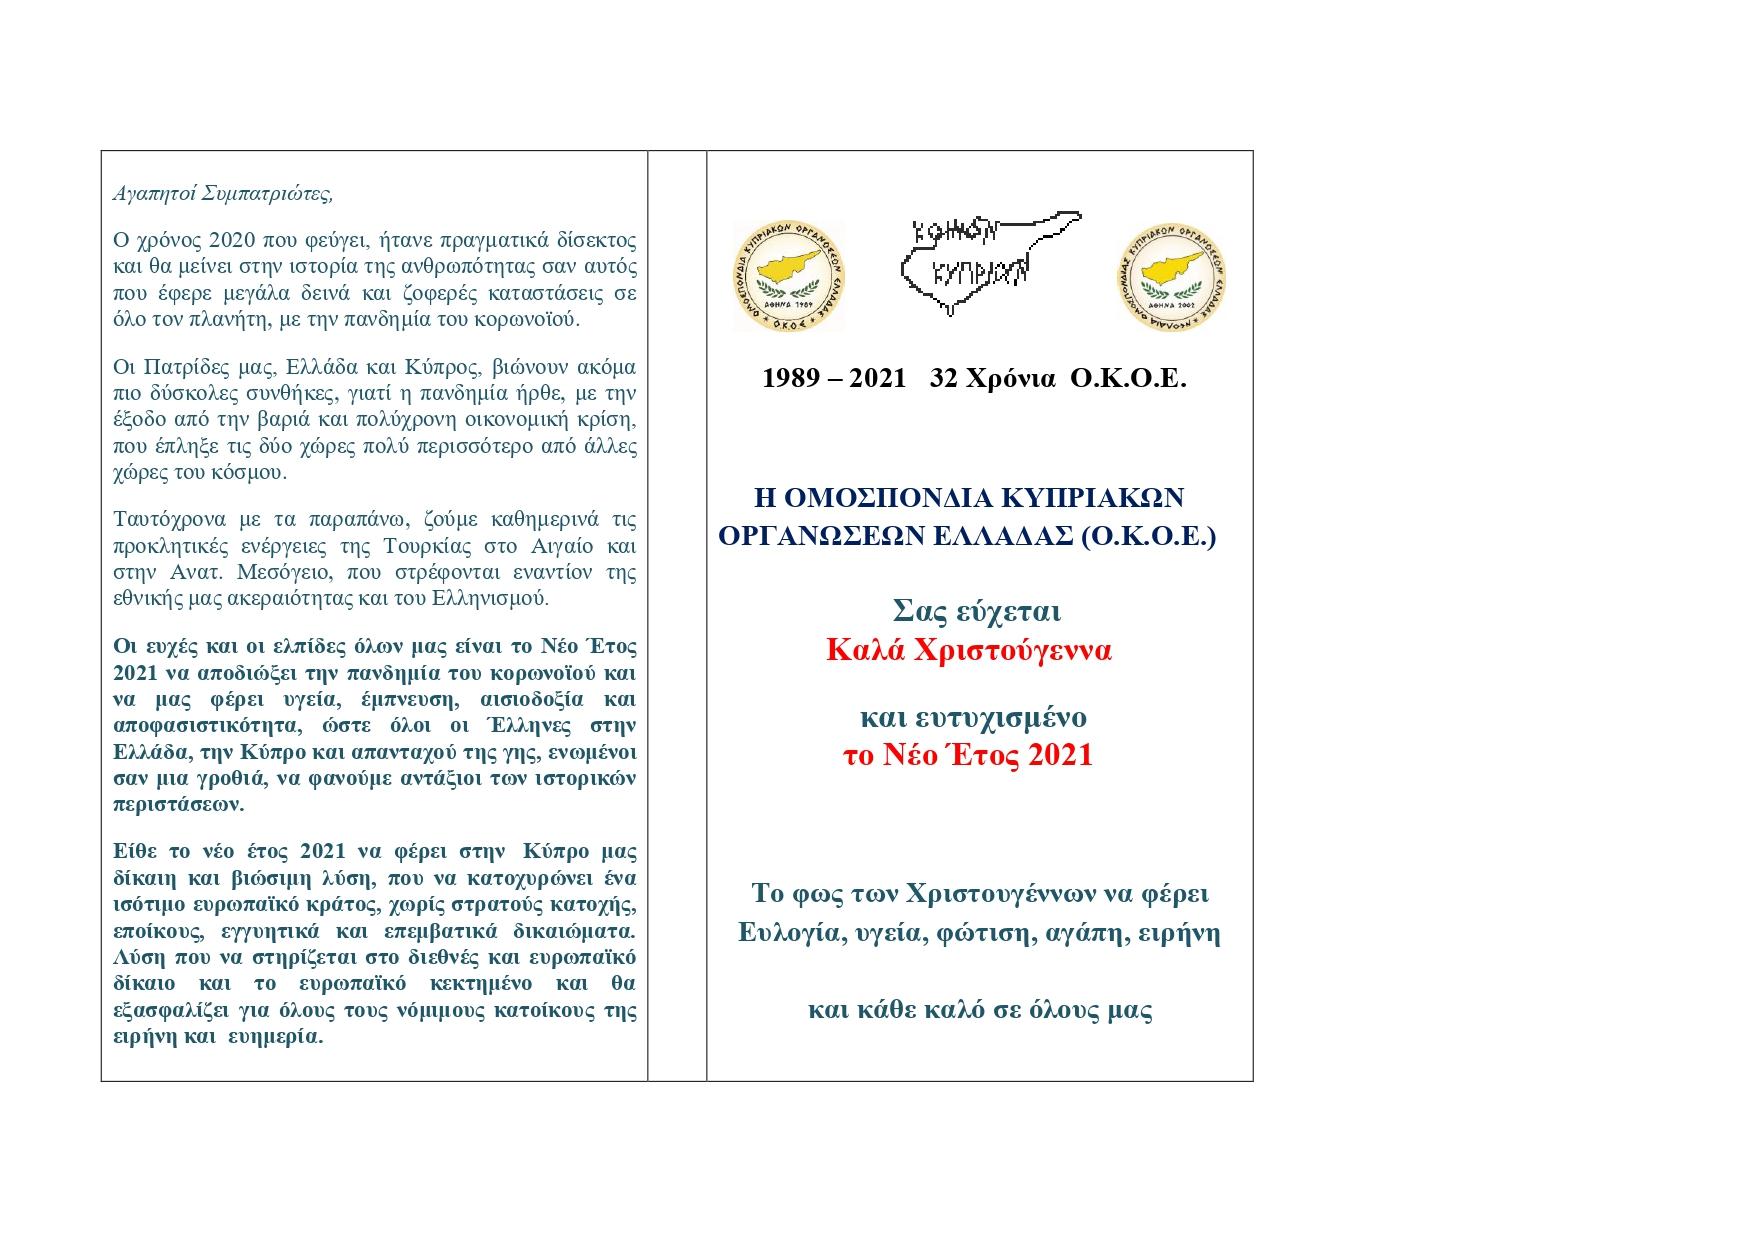 ΕΥΧΕΤΗΡΙΟ ΔΕΛΤΑΡΙΟ ΧΡΙΣΤΟΥΓΕΝΝΩΝ - ΠΡΩΤΟΧΡΟΝΙΑΣ 2021, ΣΕΛ. 1-4_page-0001